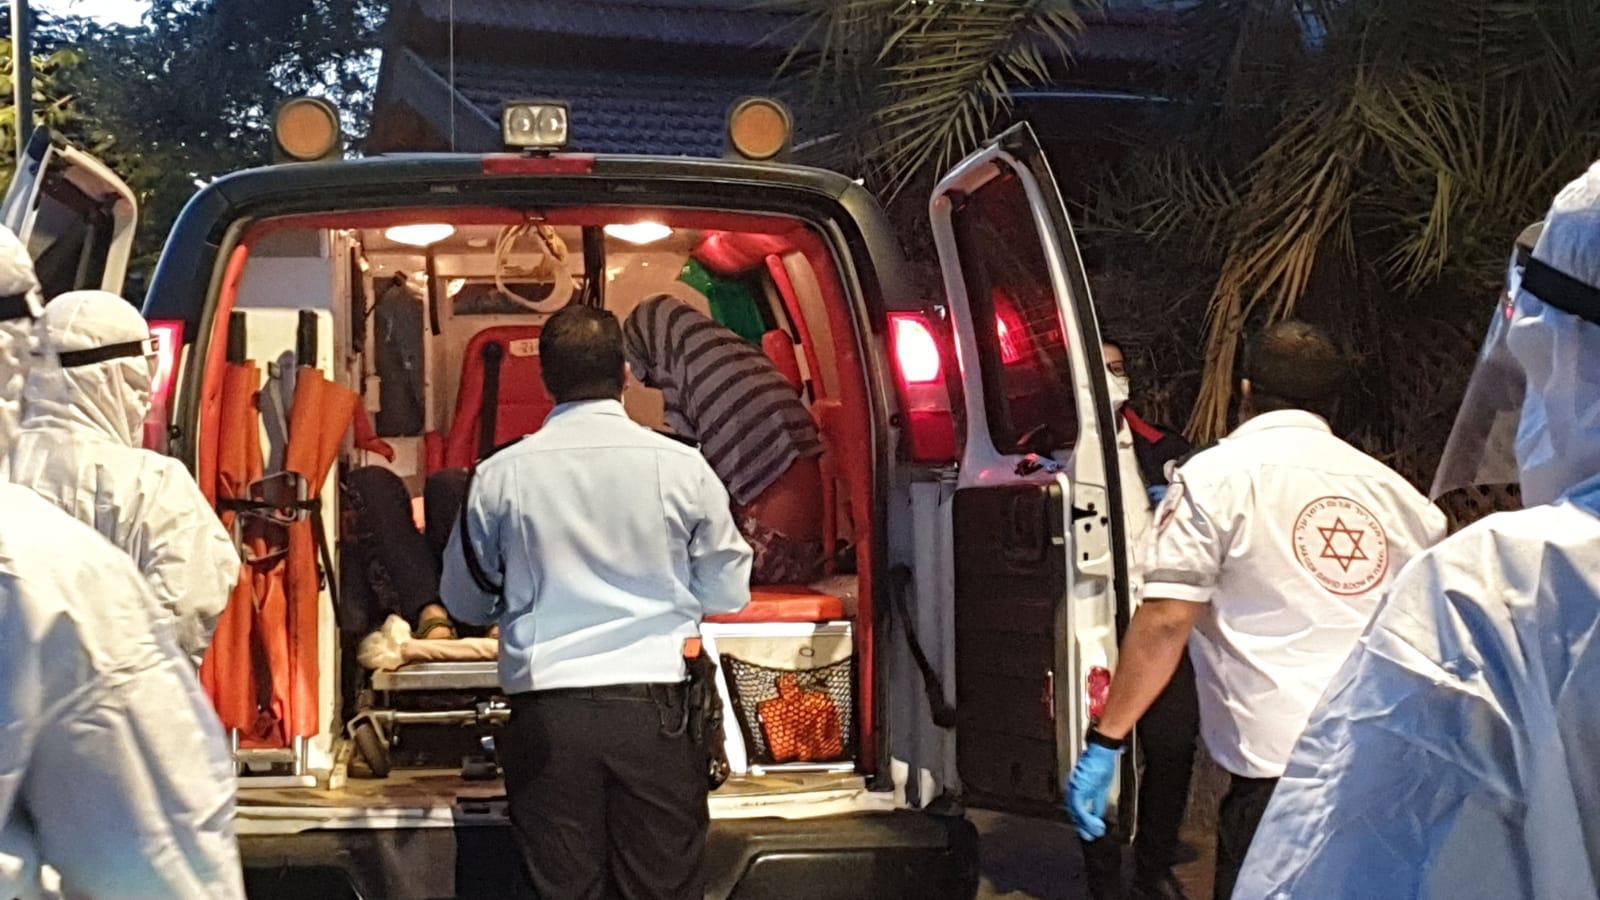 תושבי אילת זועמים: שני החולים הסתובבו ברחבי העיר והדביקו אנשים במודע